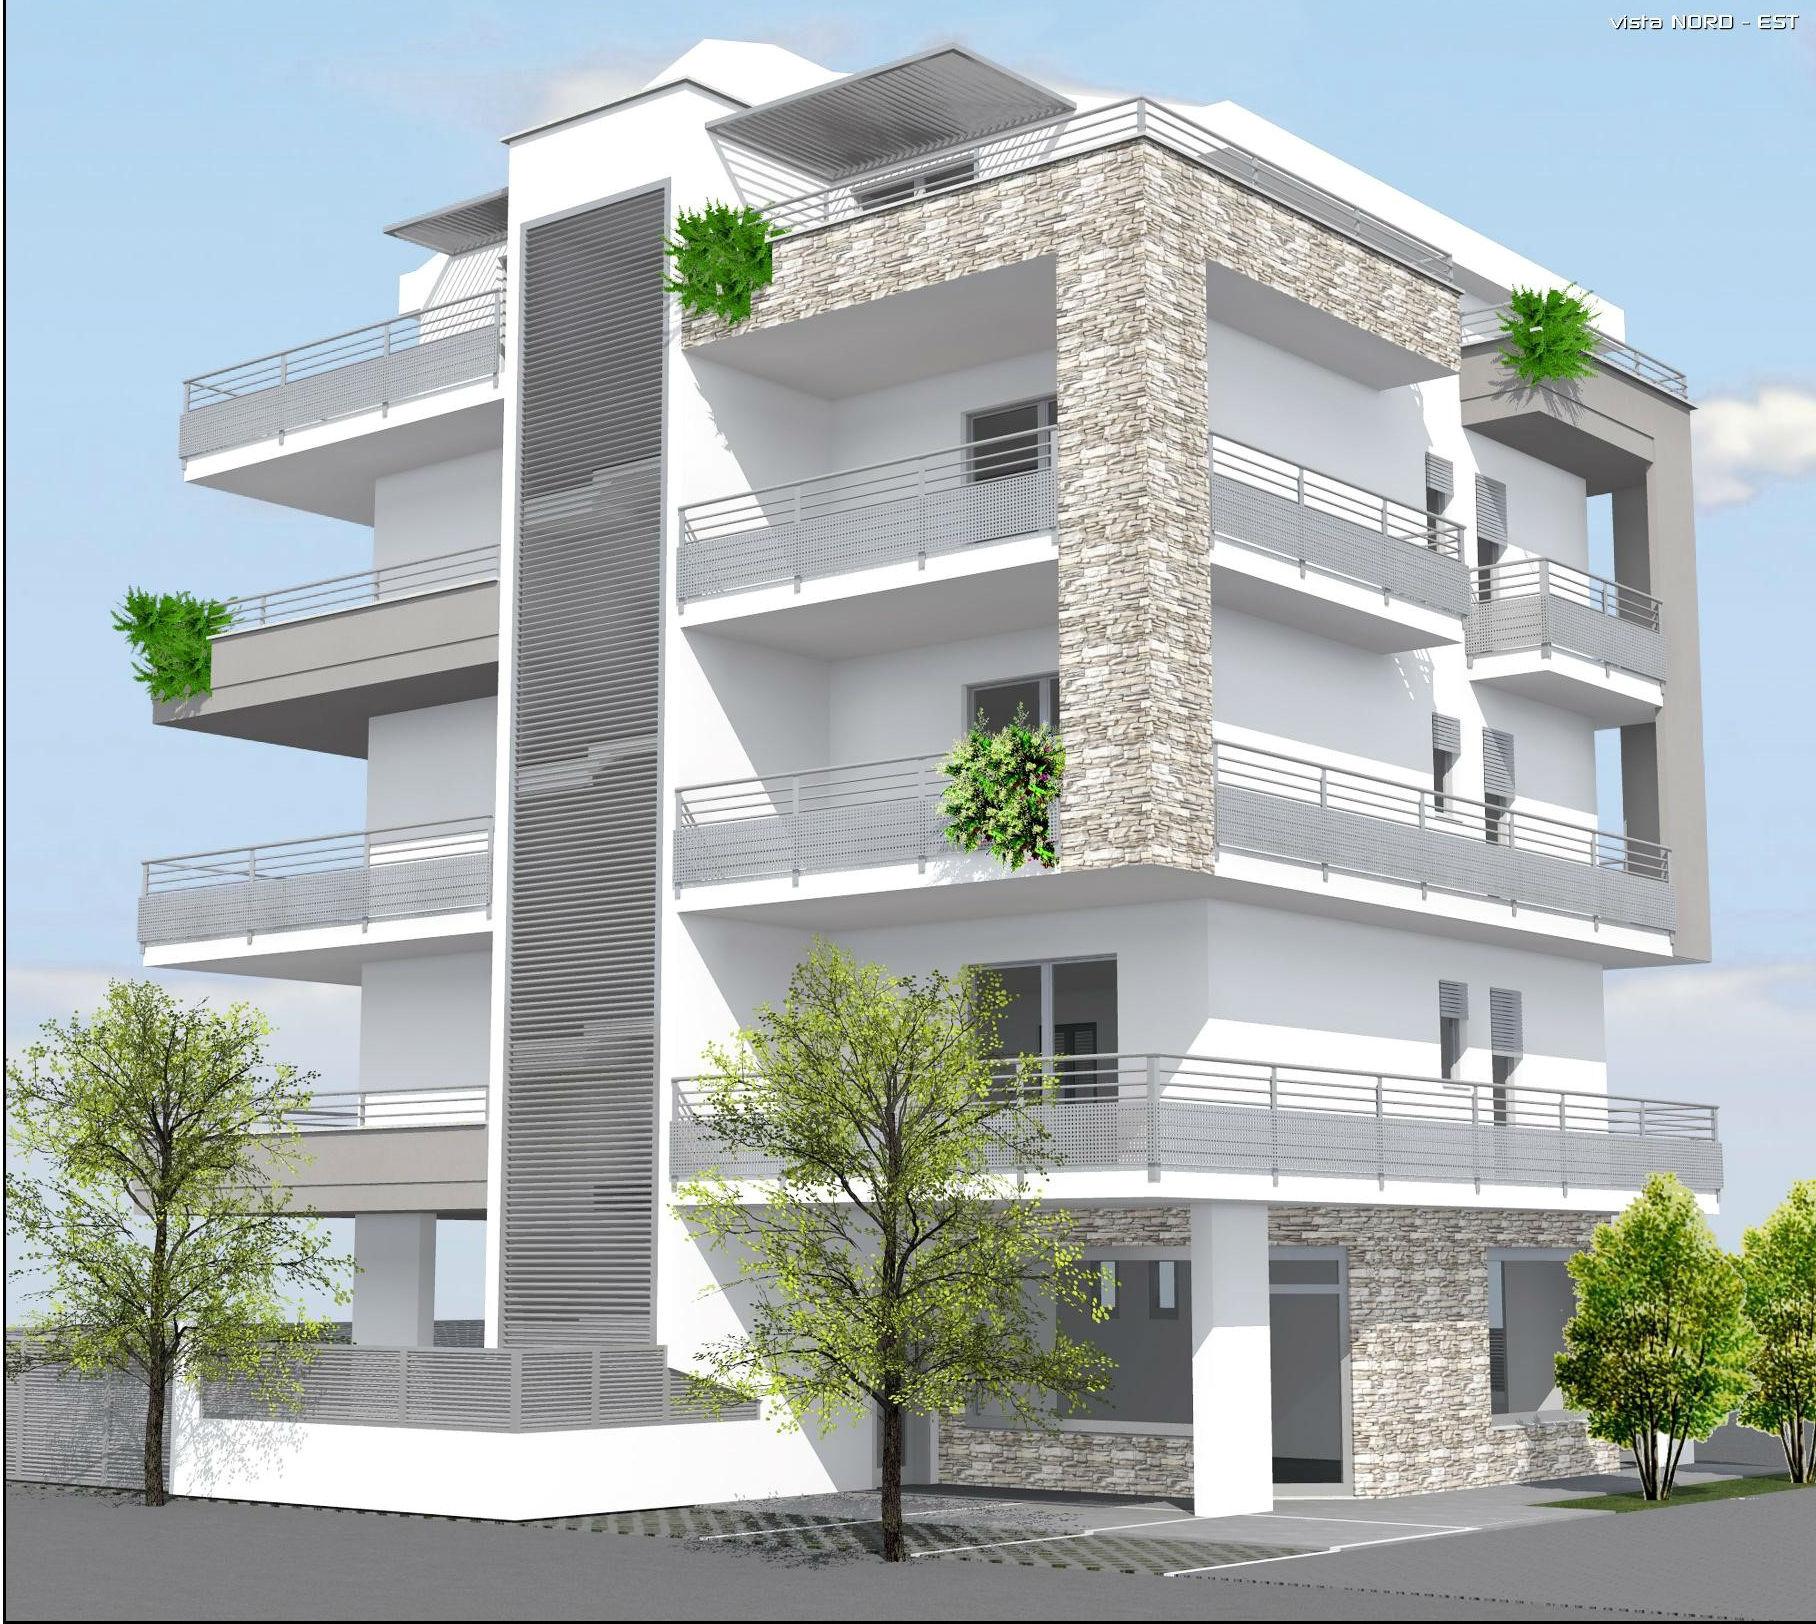 Appartamento in vendita a Tortoreto, 3 locali, zona Località: TortoretoLido, prezzo € 162.000 | CambioCasa.it